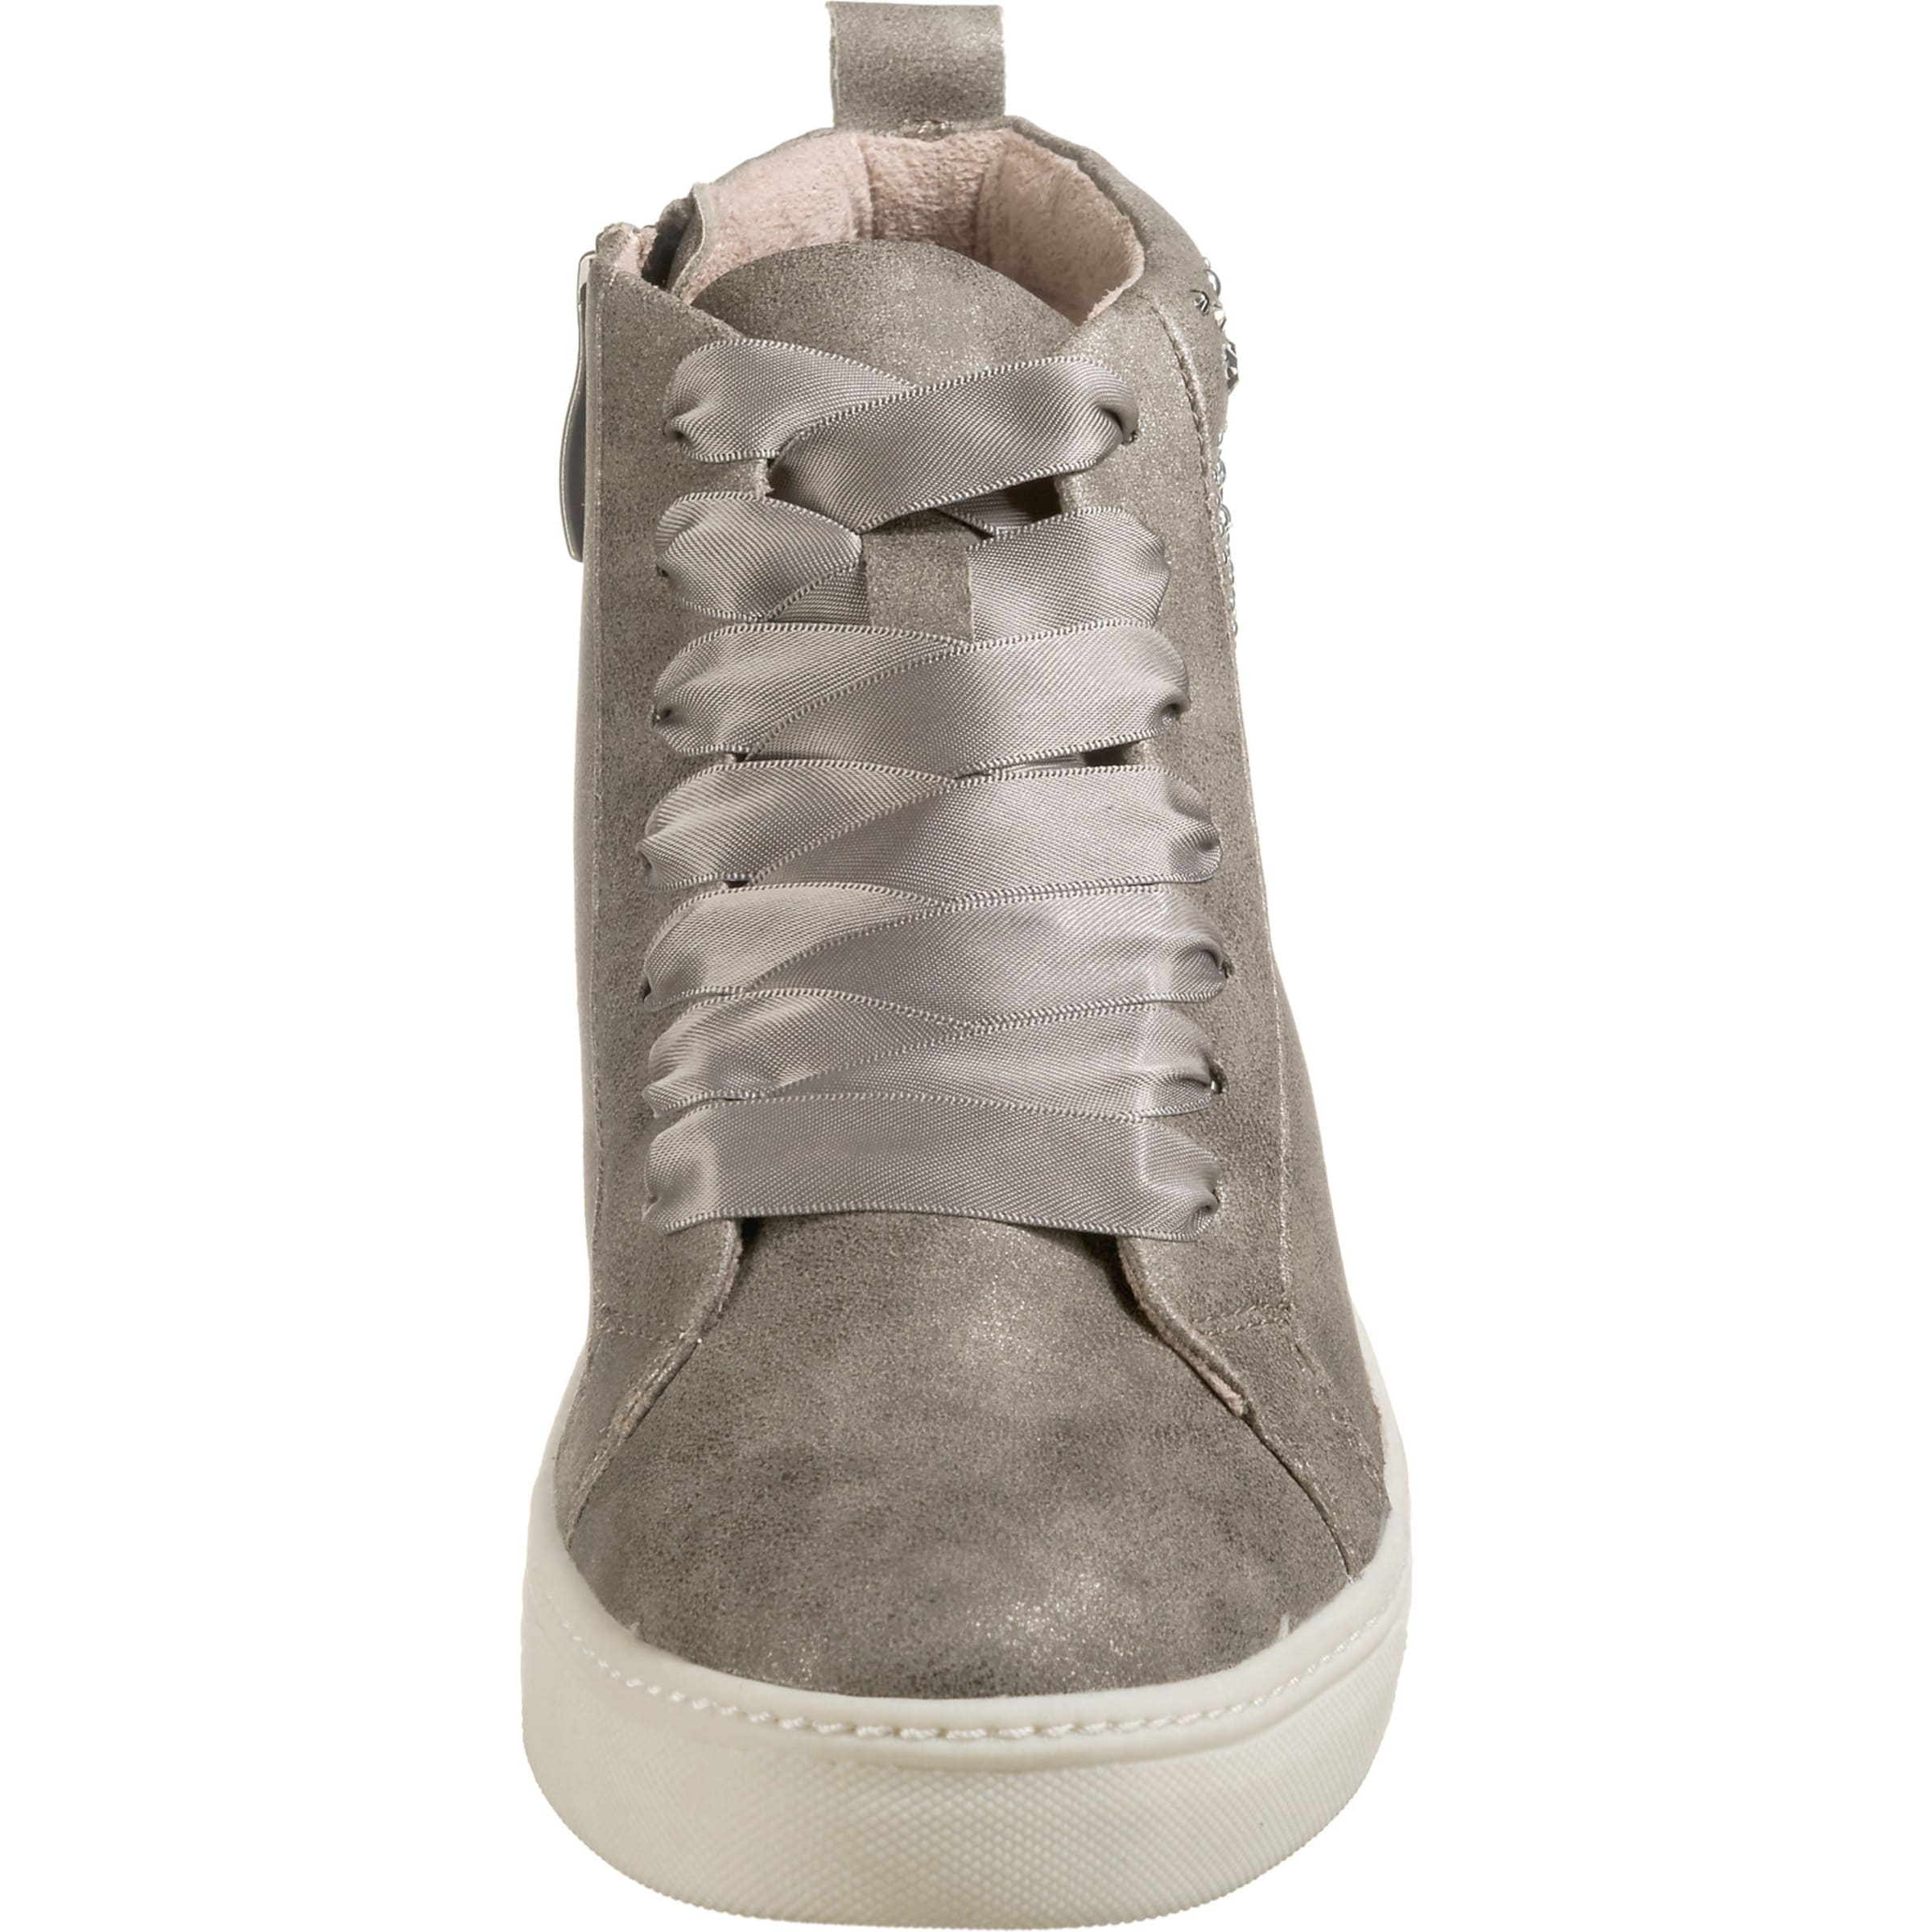 Relife In Grau Relife Grau Sneaker Grau Sneaker Relife In Relife Sneaker In BerCodWx